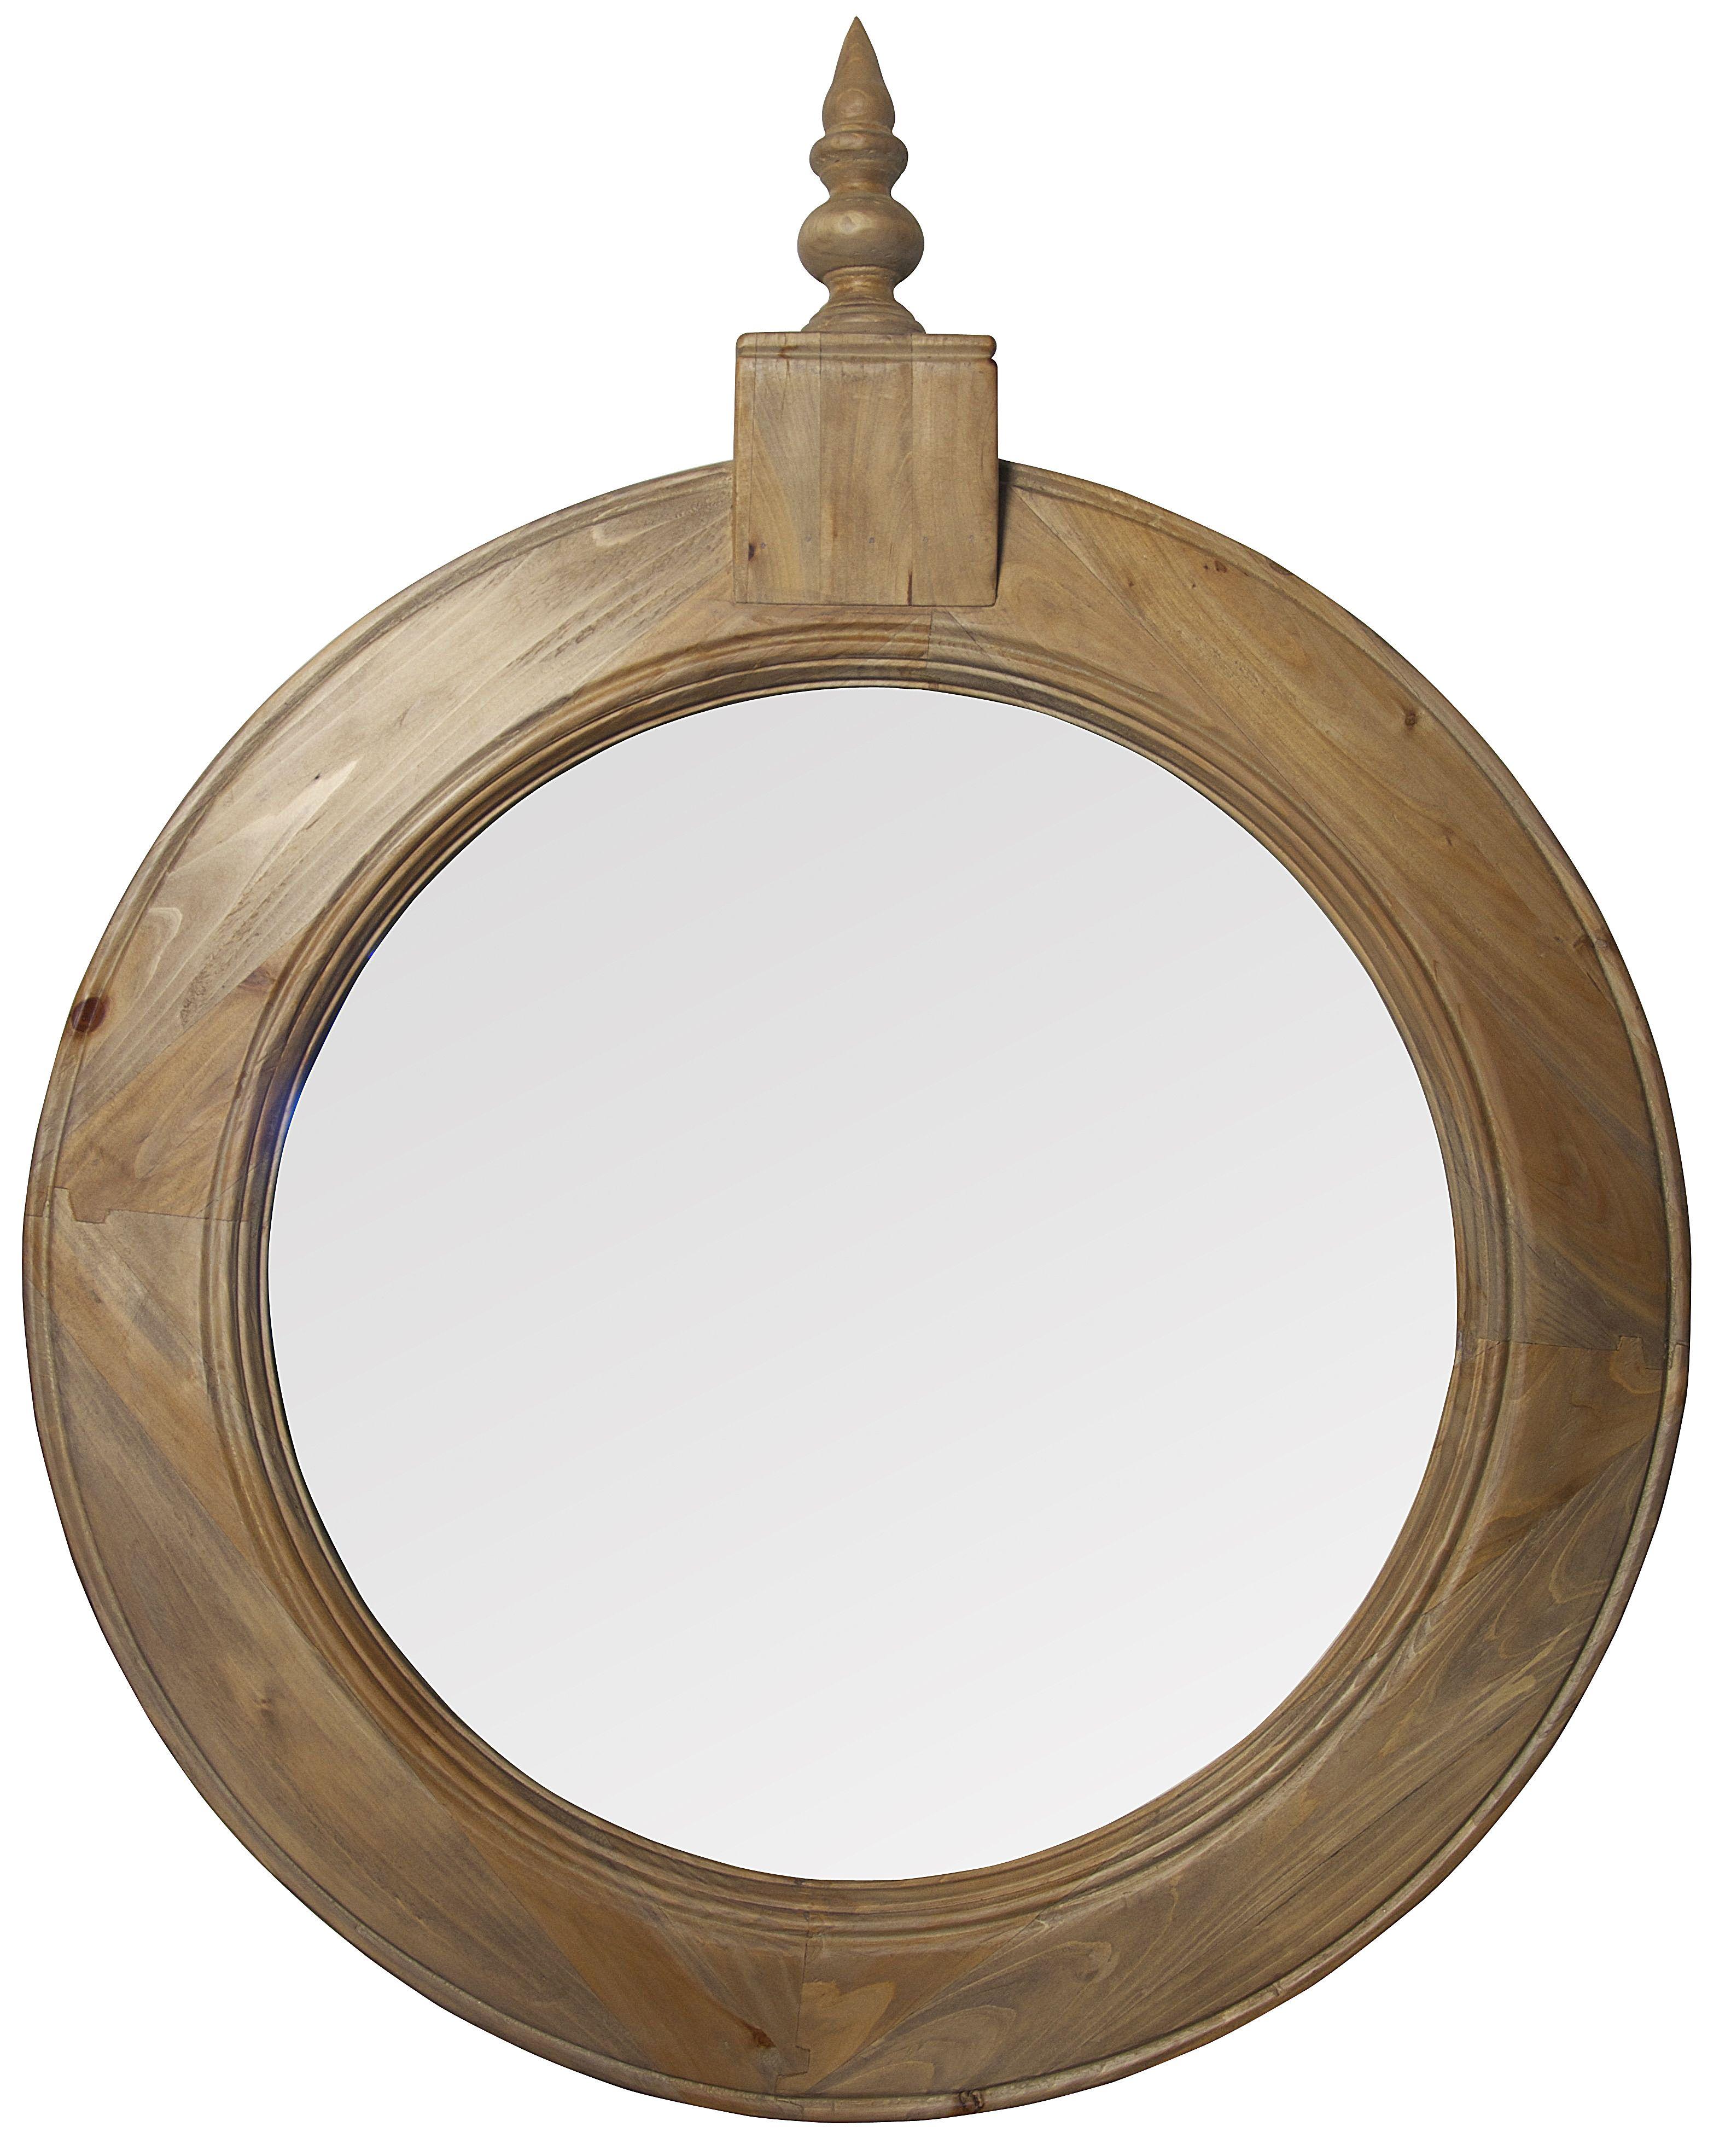 Attractive Noir Furniture, Www.noirfurniturela.com, Lance Mirror, Old Wood